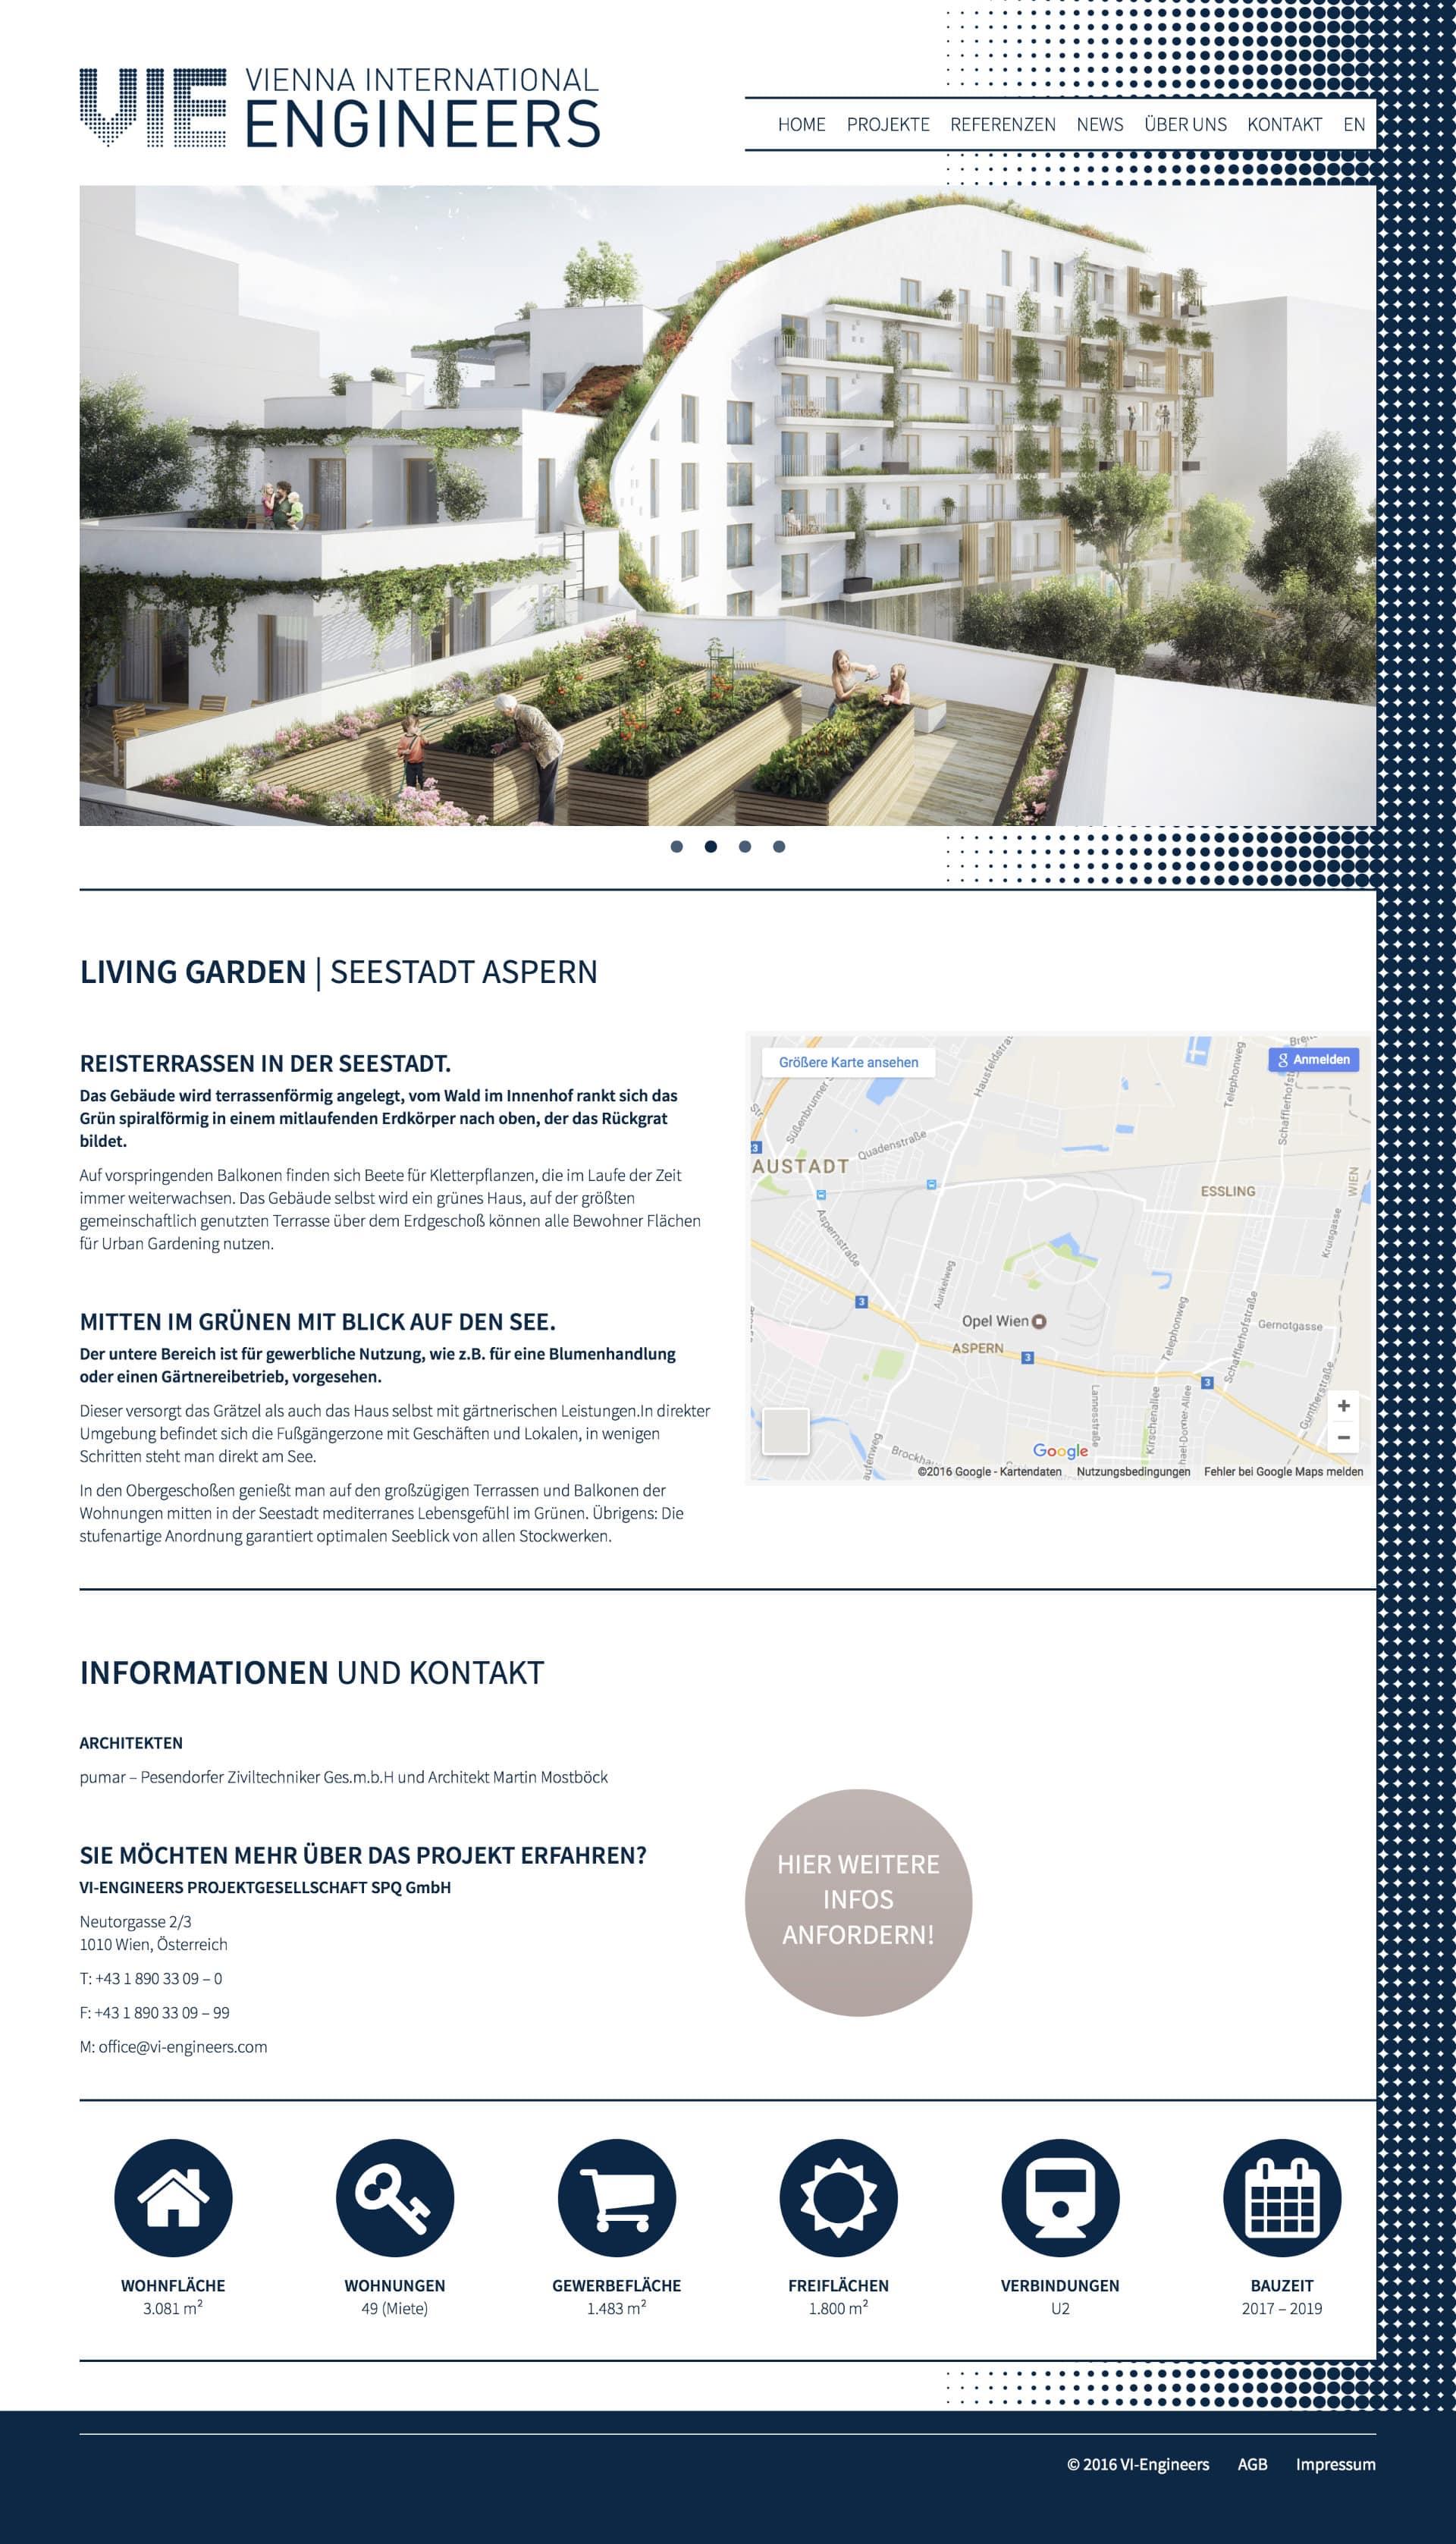 VI-Engineers Website